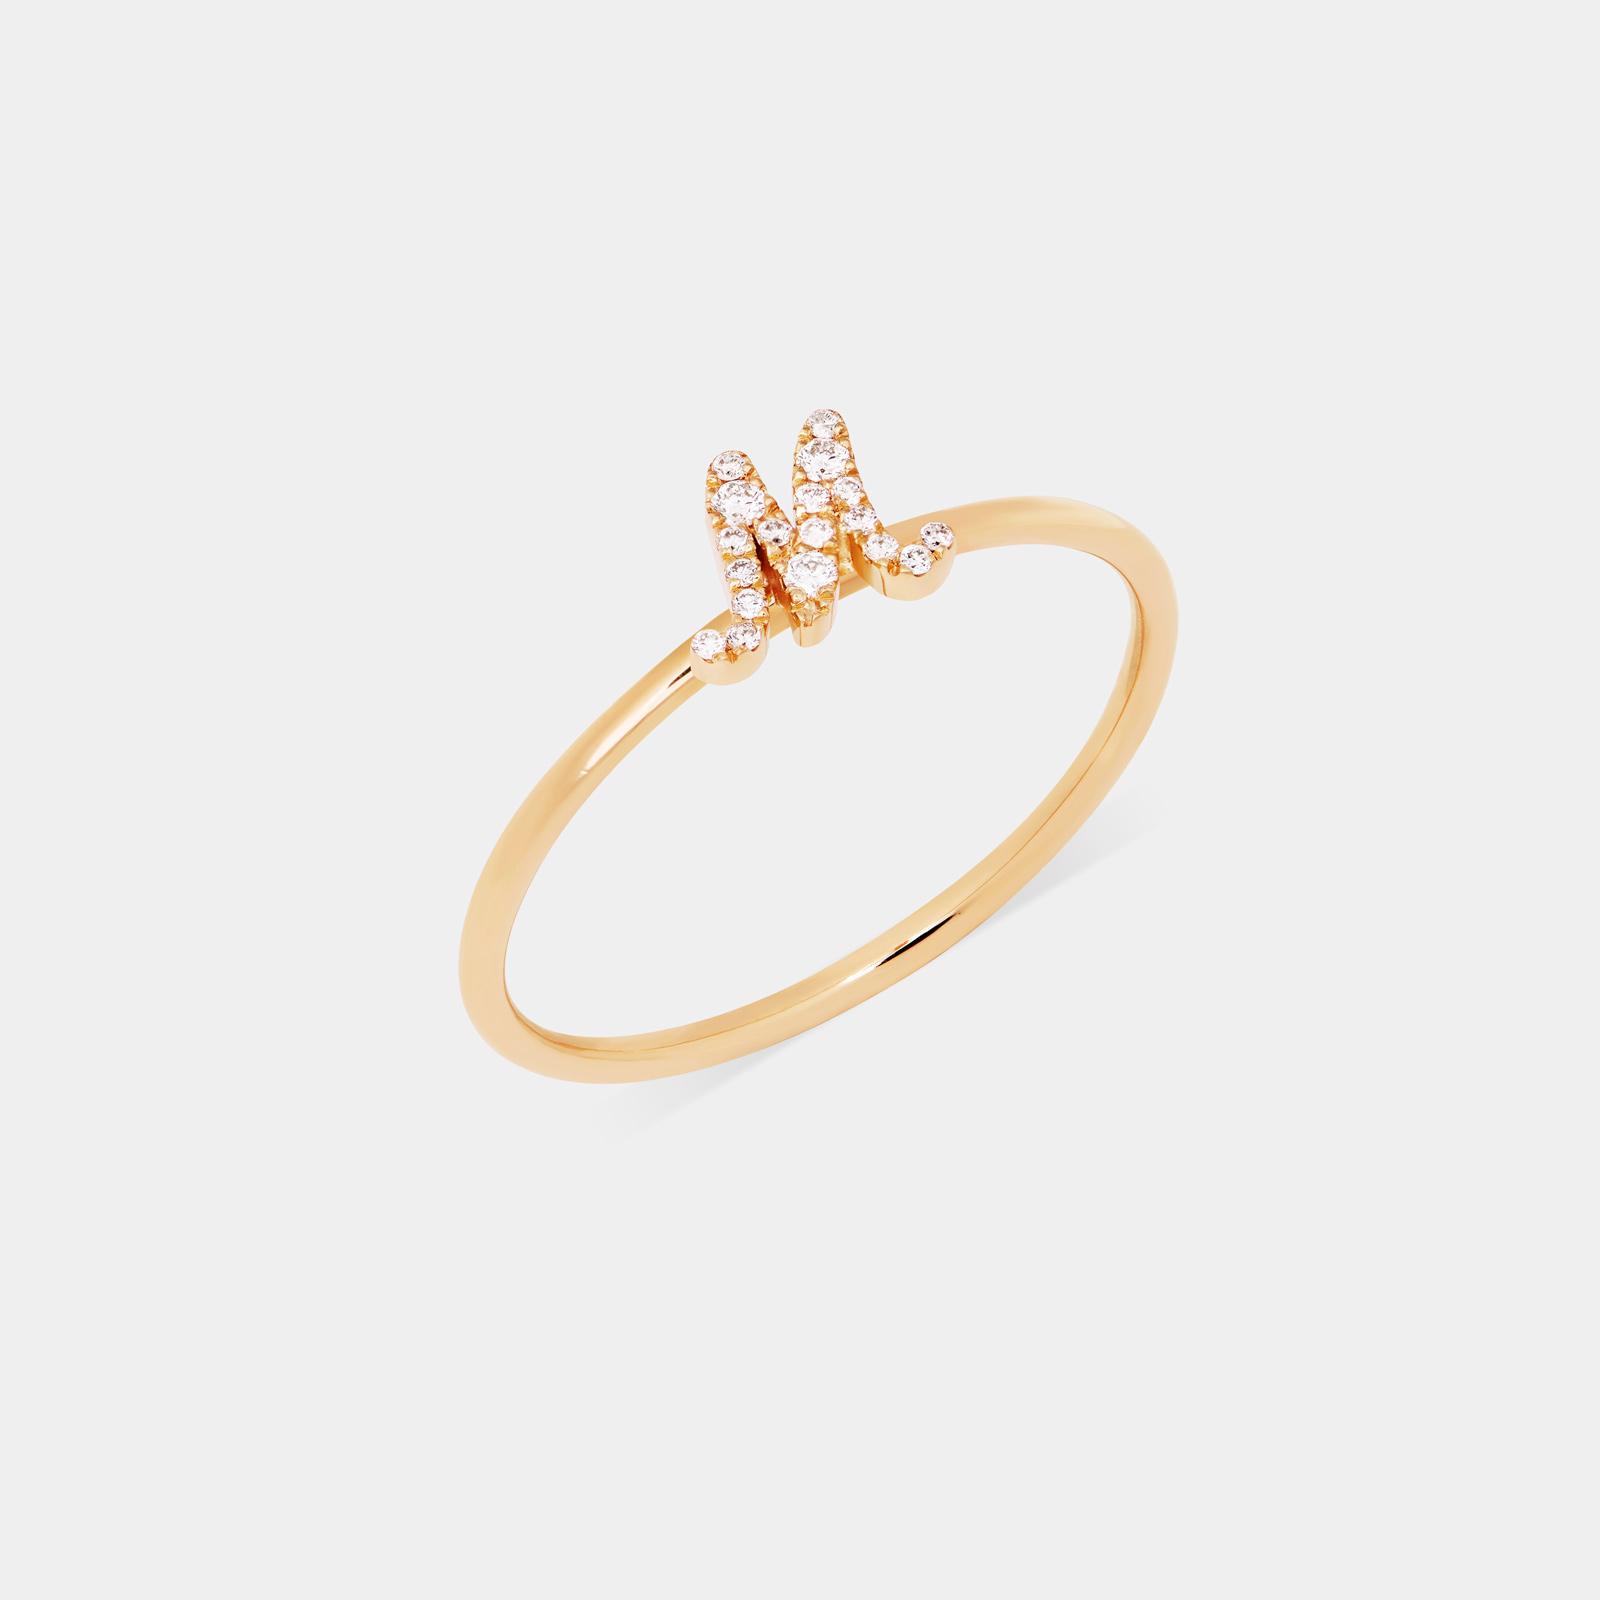 Rosanna Cattolico - Anello con letterina in oro giallo e diamanti